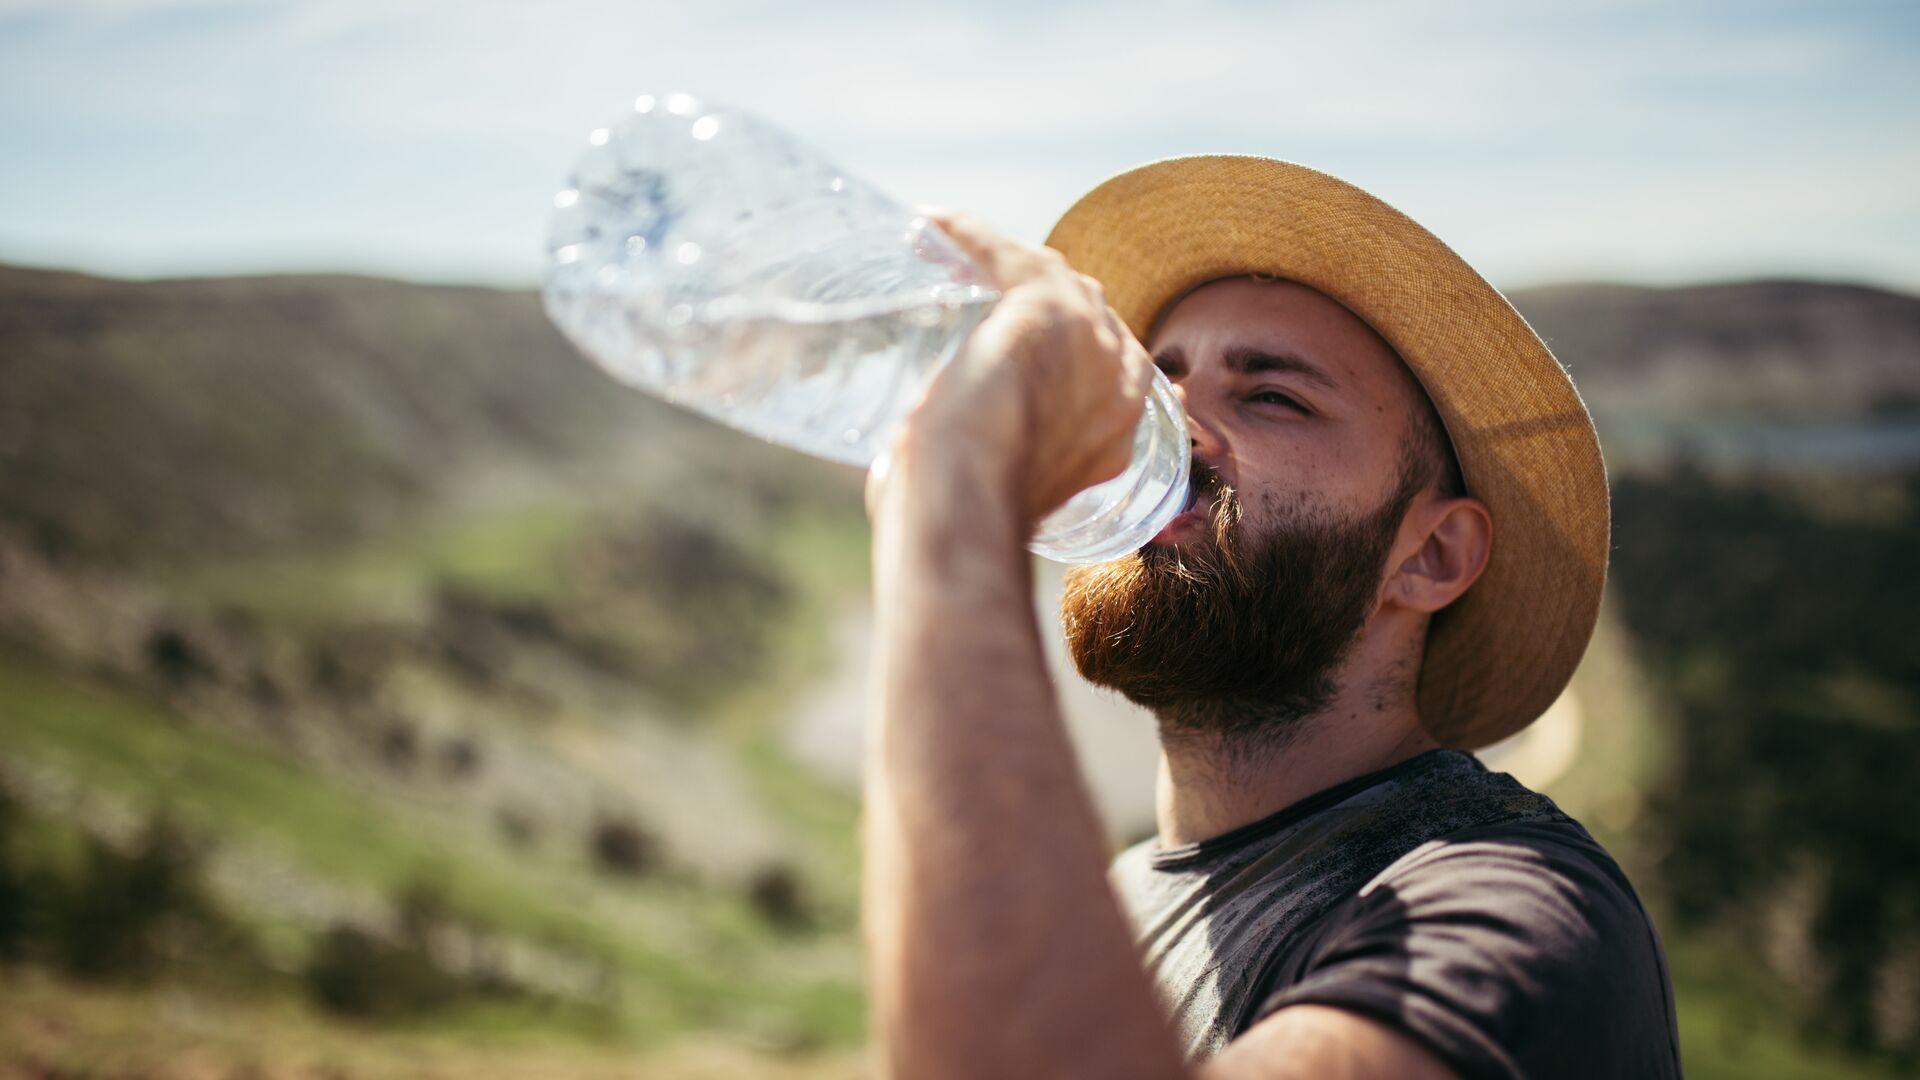 Турист пьет воду - РИА Новости, 1920, 14.04.2021